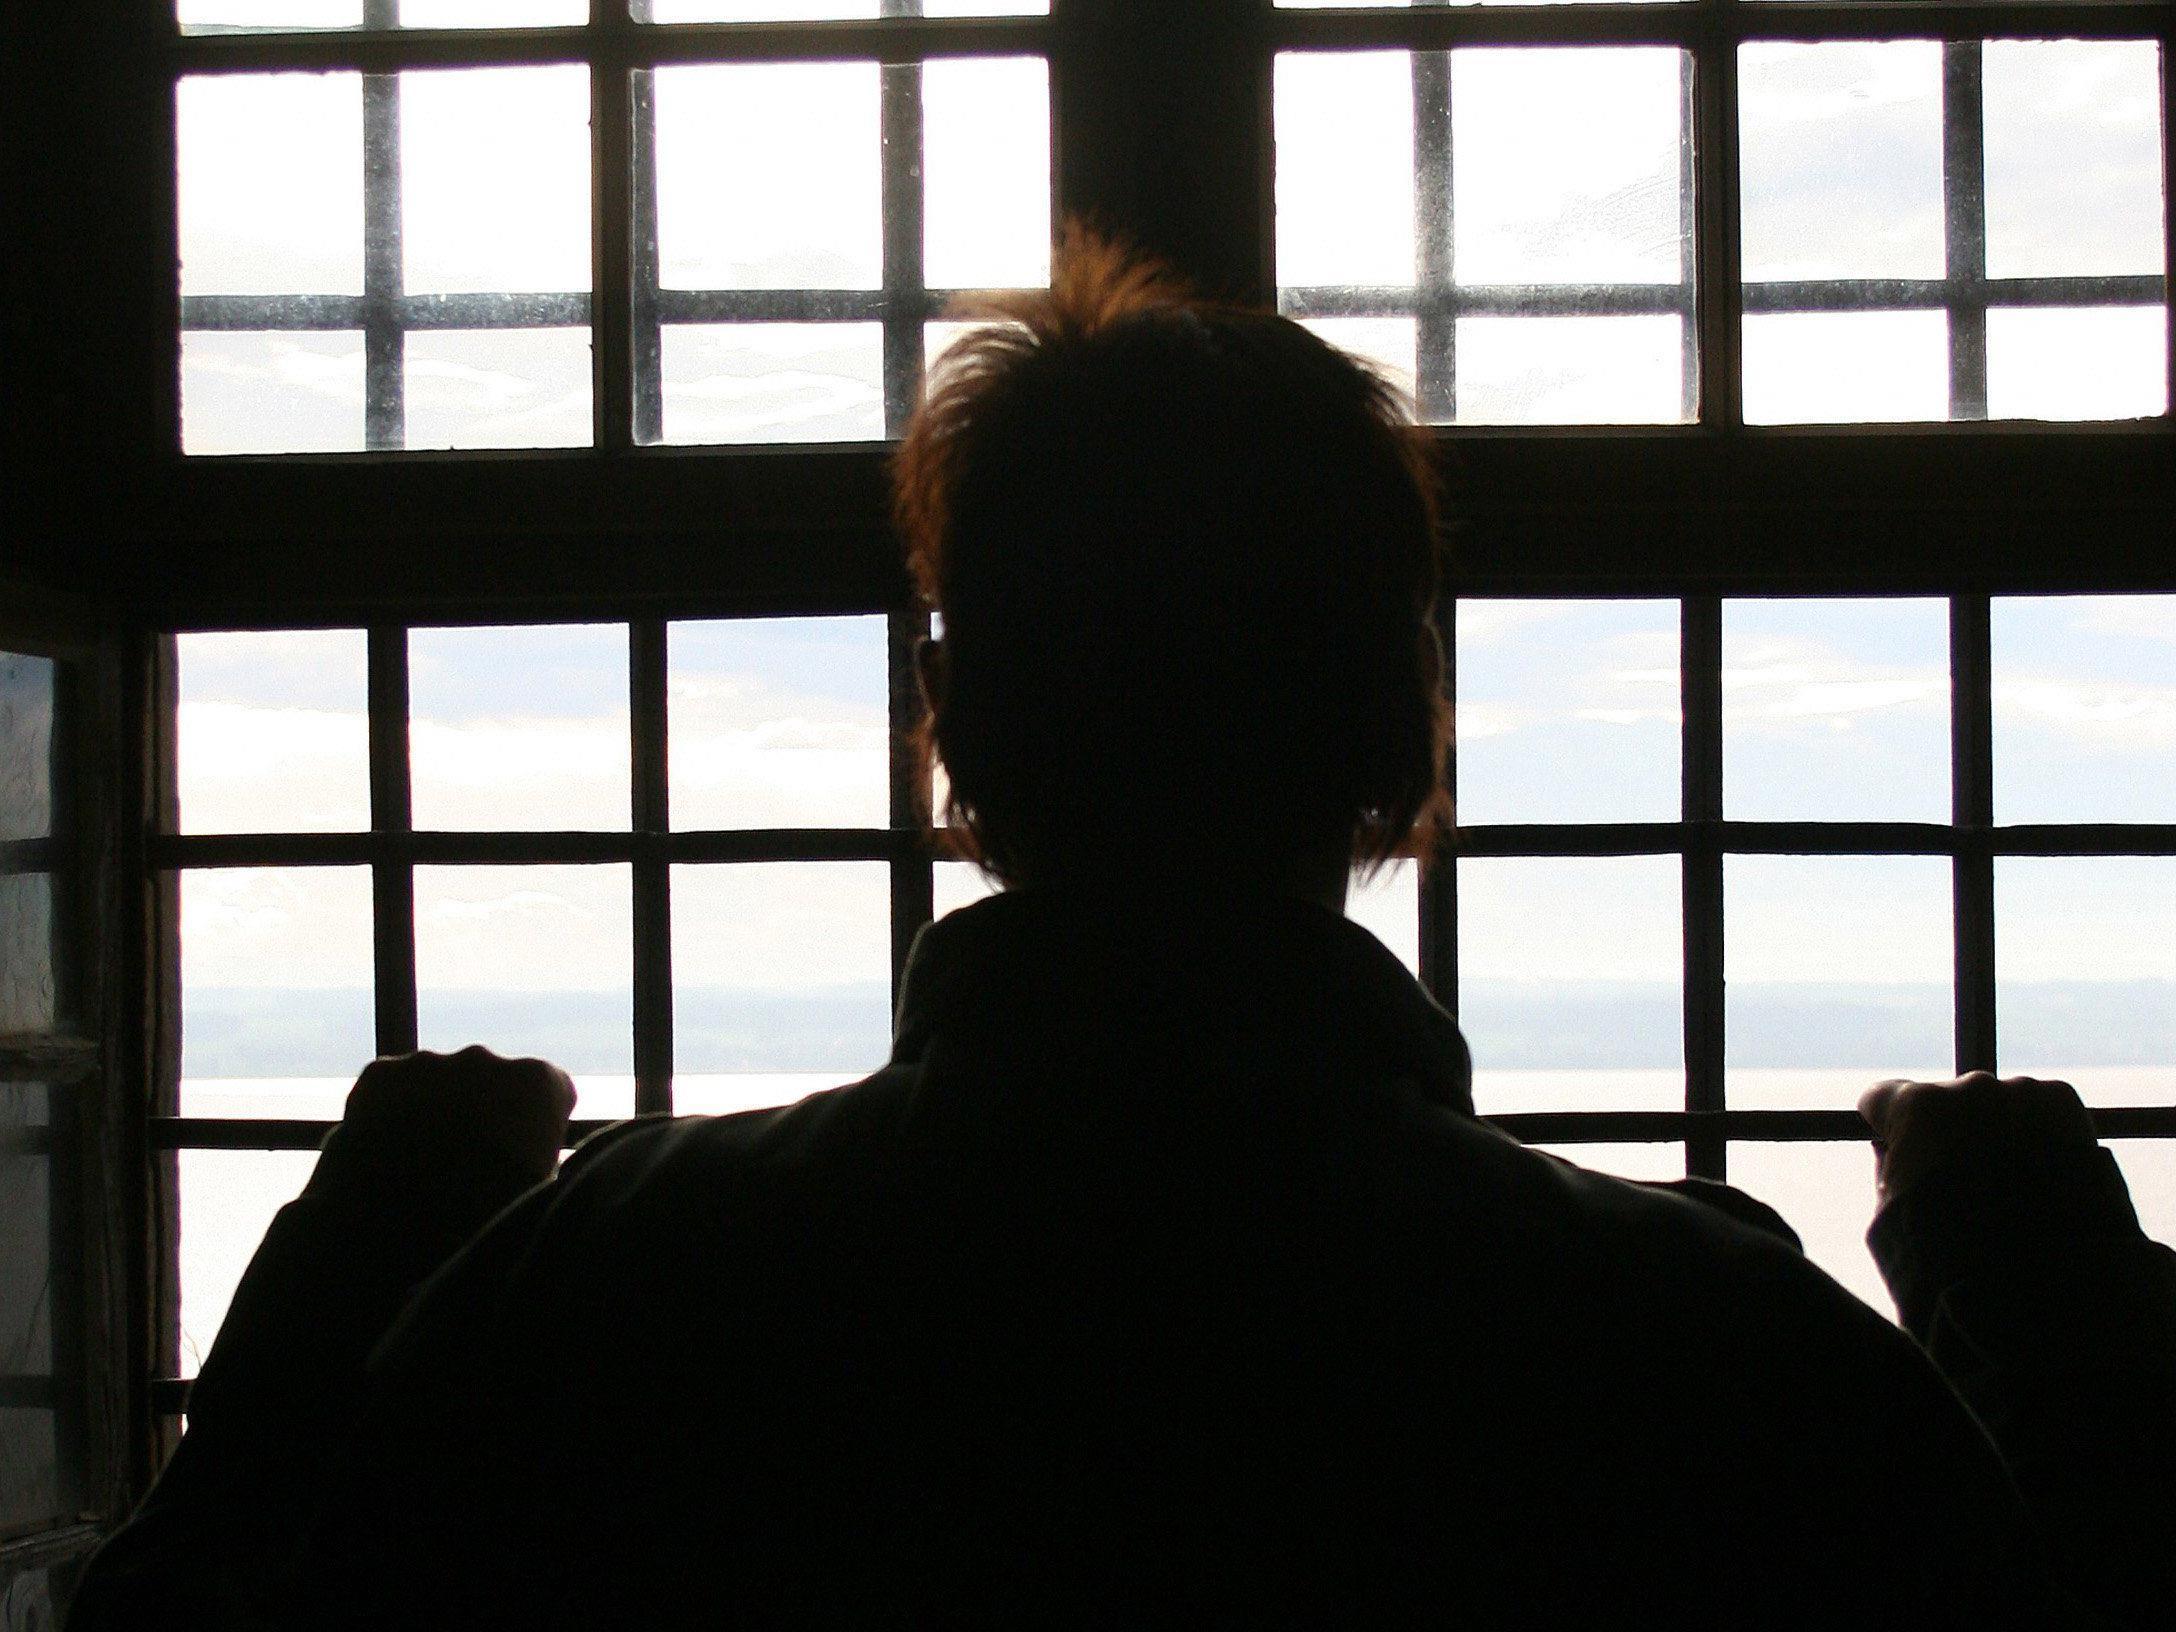 Ein Zivilrichter verhängte eine einwöchige Gefängnisstrafe.